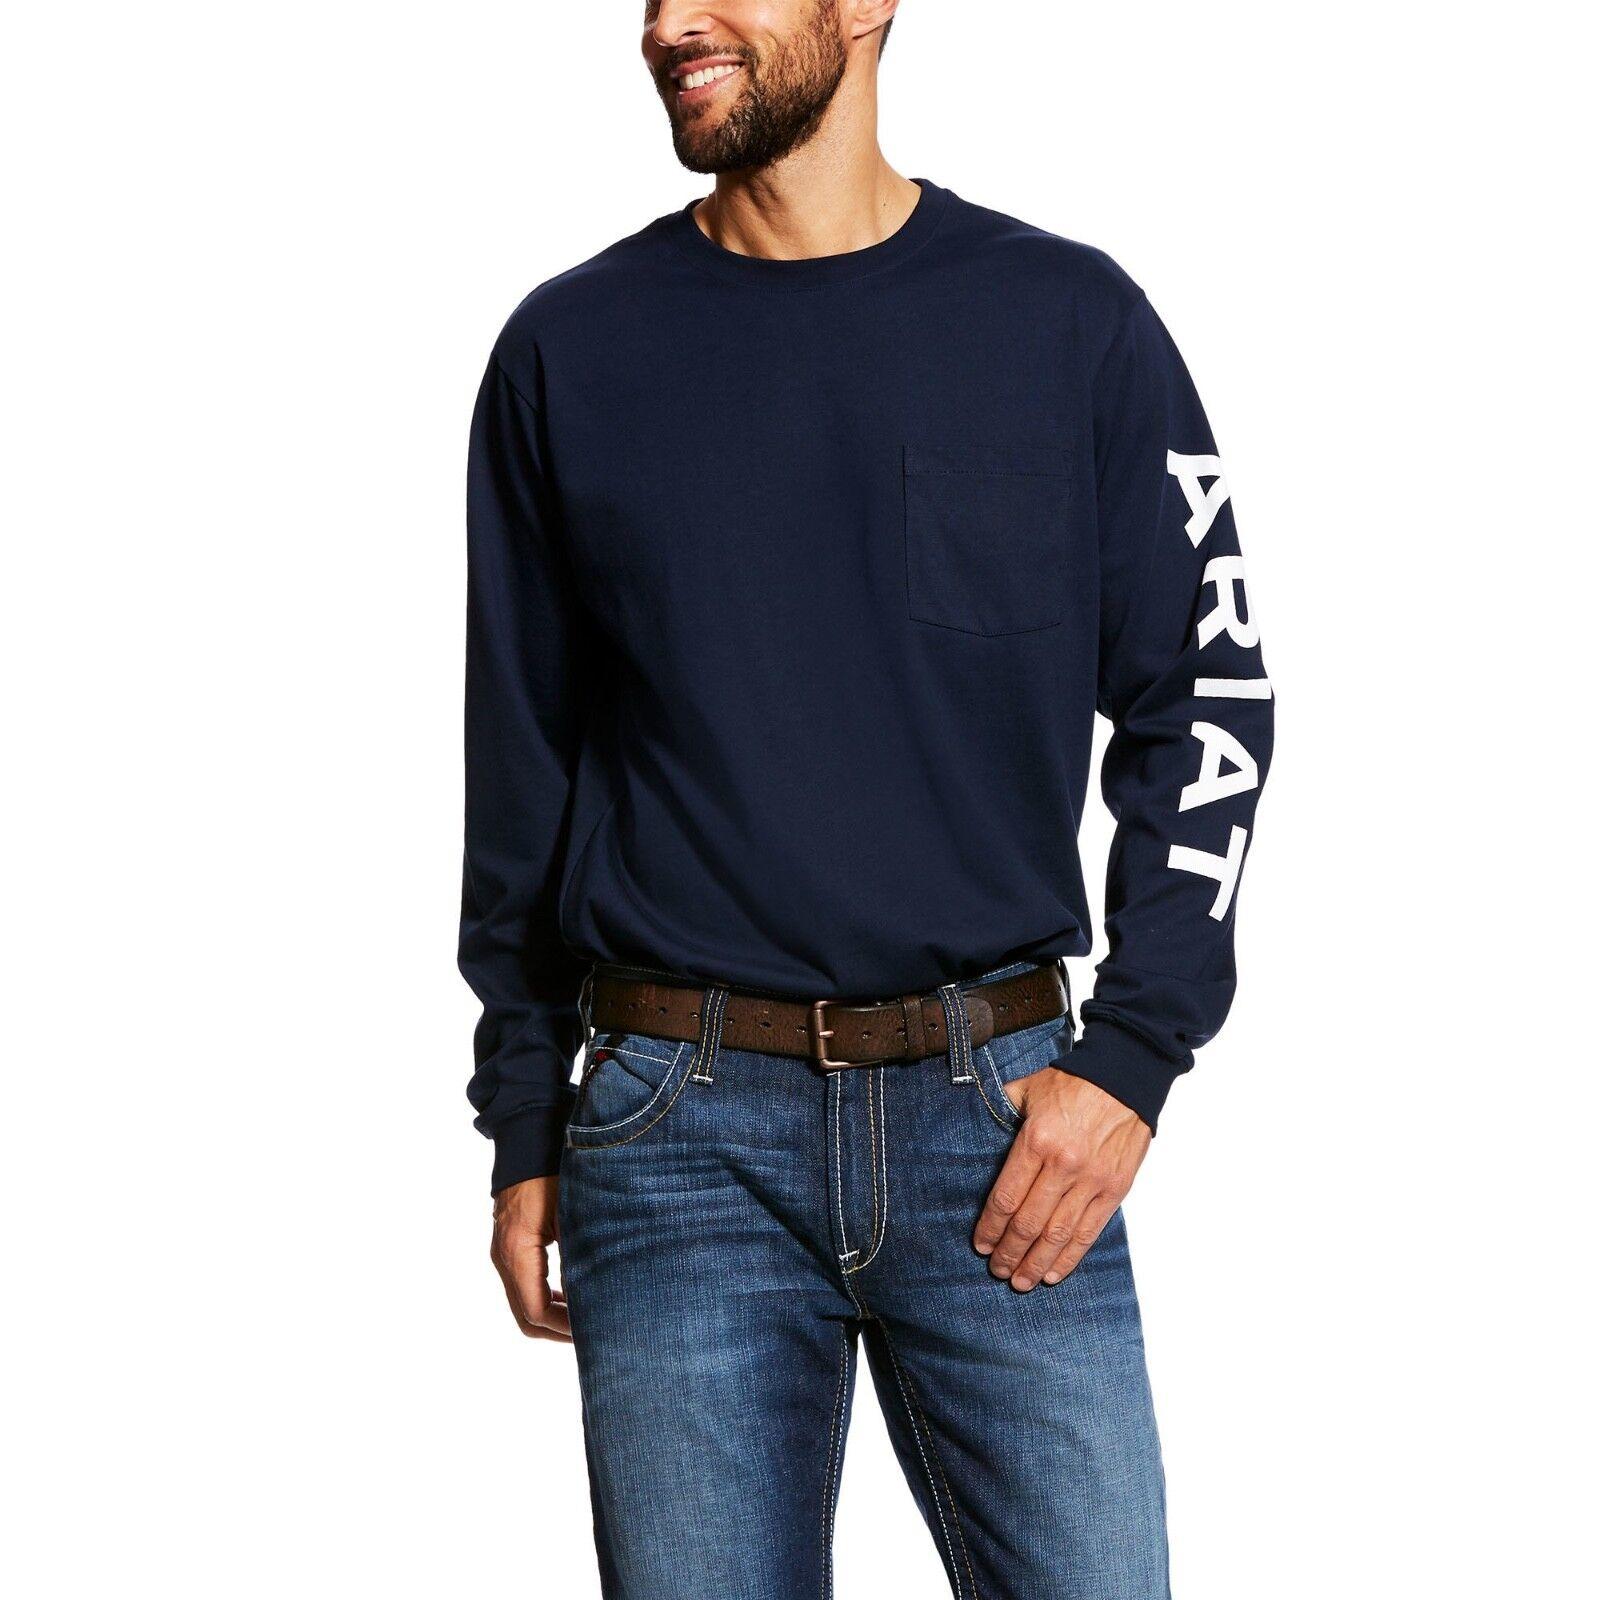 Ariat ® Para hombres Mangas Largas Azul marino  con logotipo FR embolsada Camiseta 10023950  Todo en alta calidad y bajo precio.